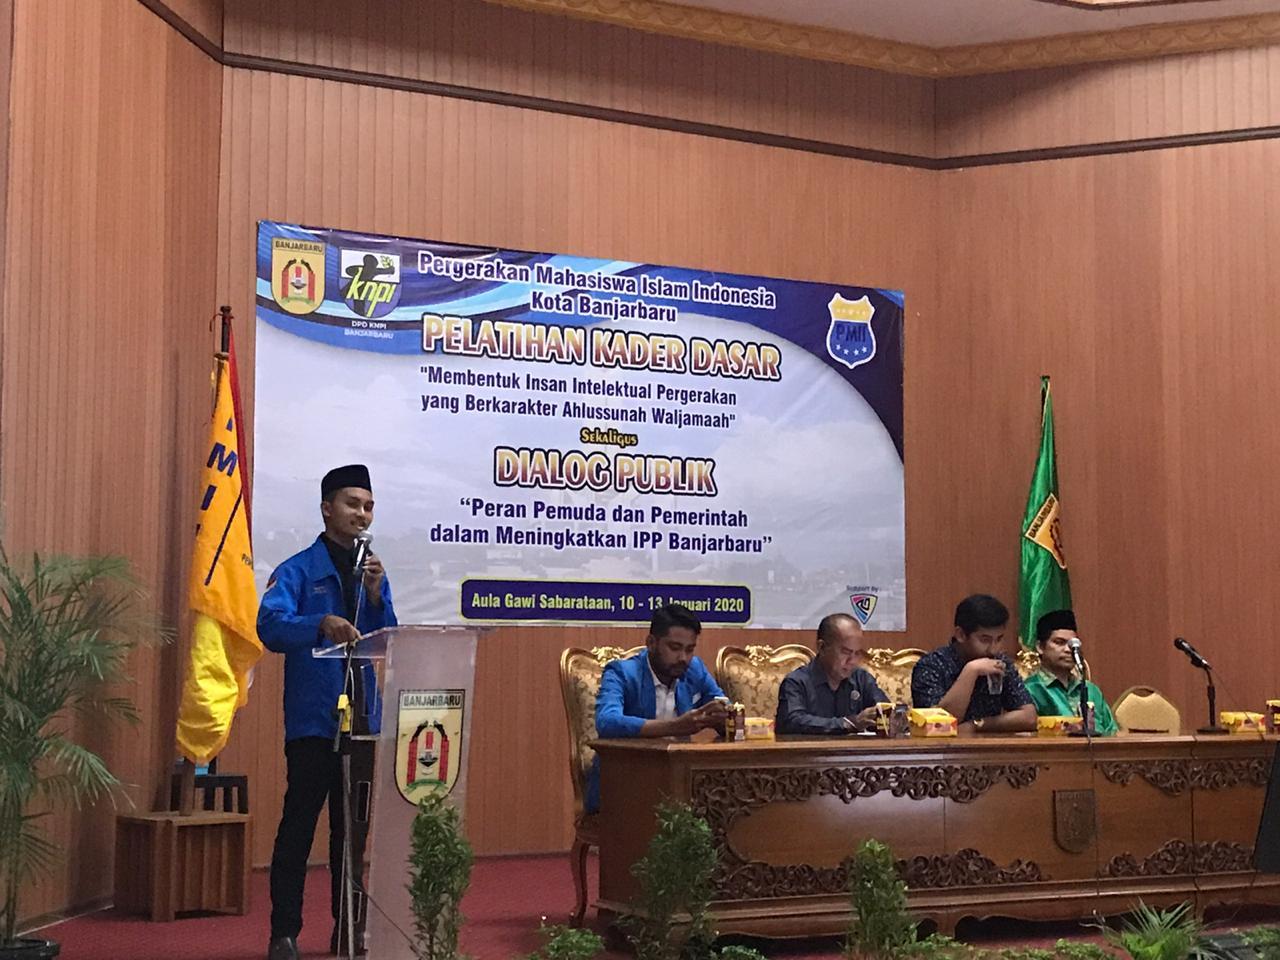 Ciptakan Kader Militan, PMII Banjarbaru Gelar Pelatihan Kader Dasar 25